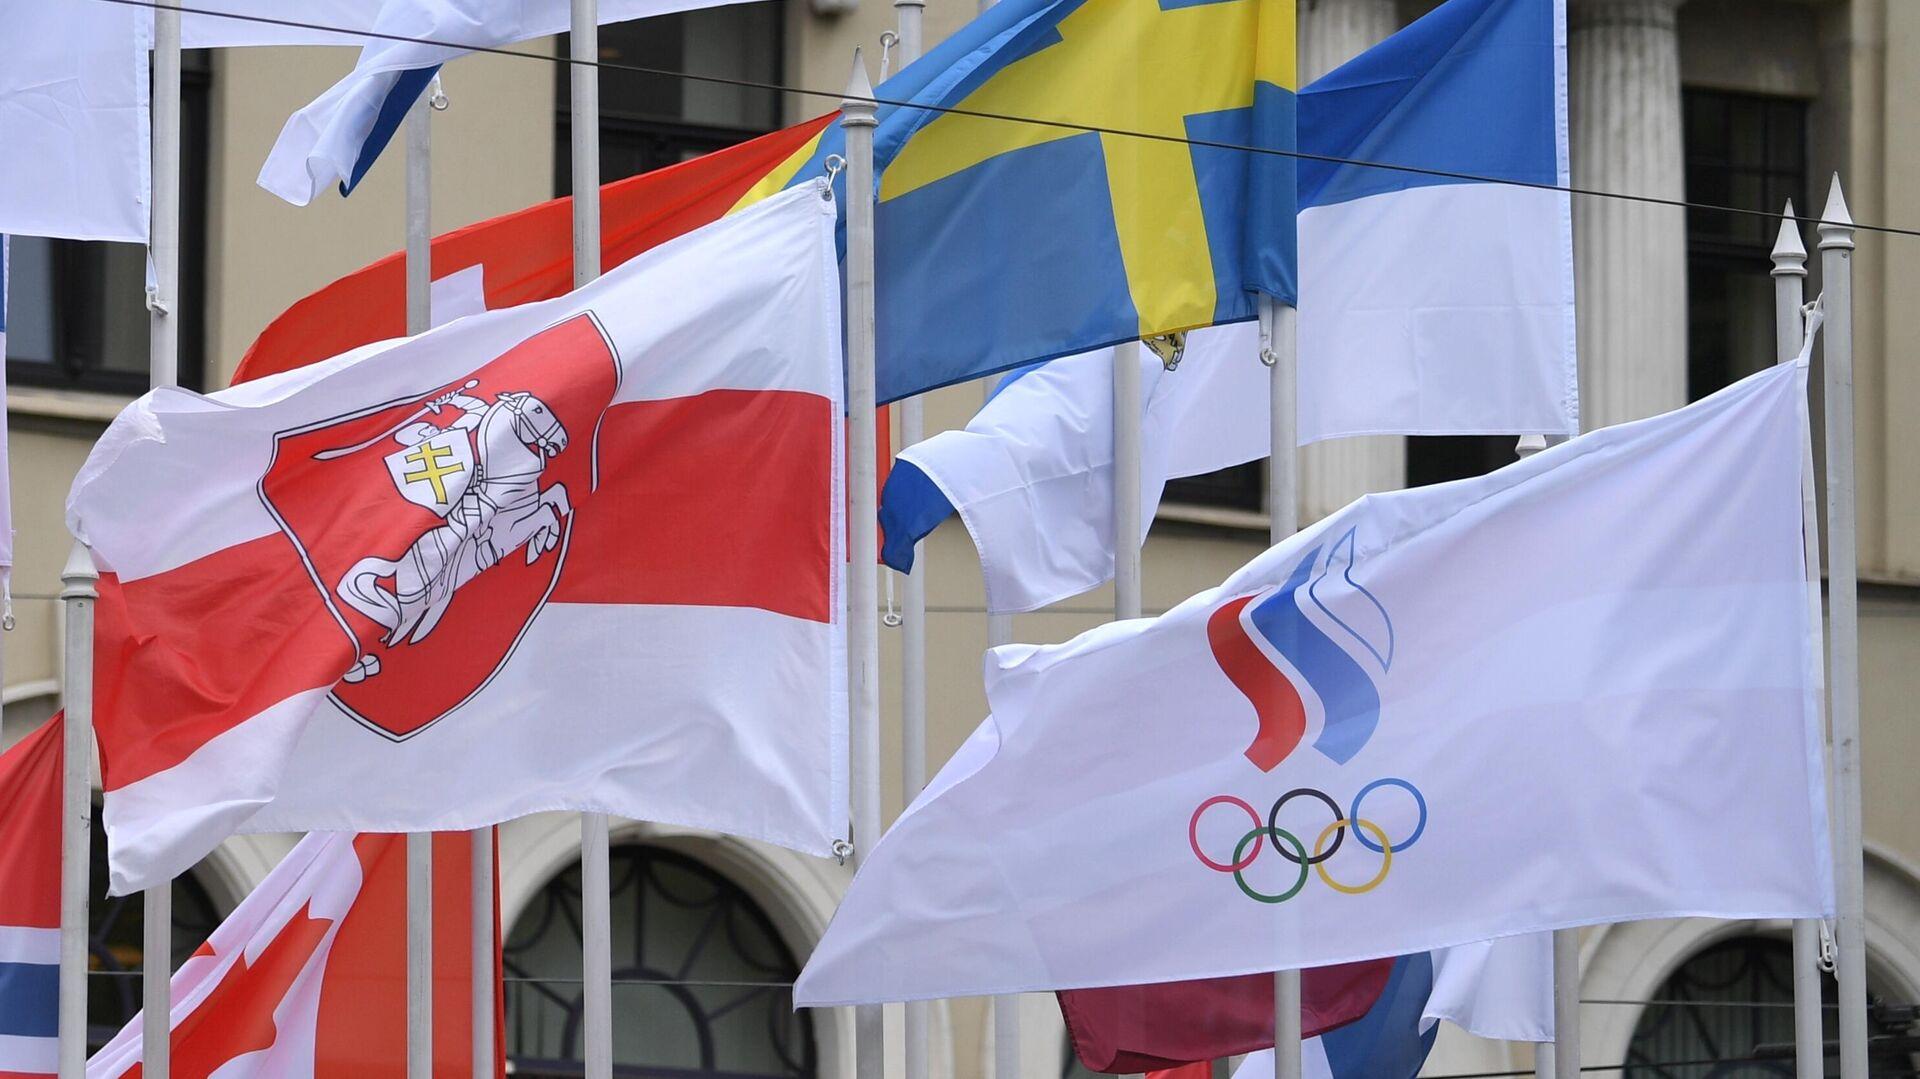 Флаги стран-участниц Чемпионата мира по хоккею 2021 в Риге - РИА Новости, 1920, 25.05.2021